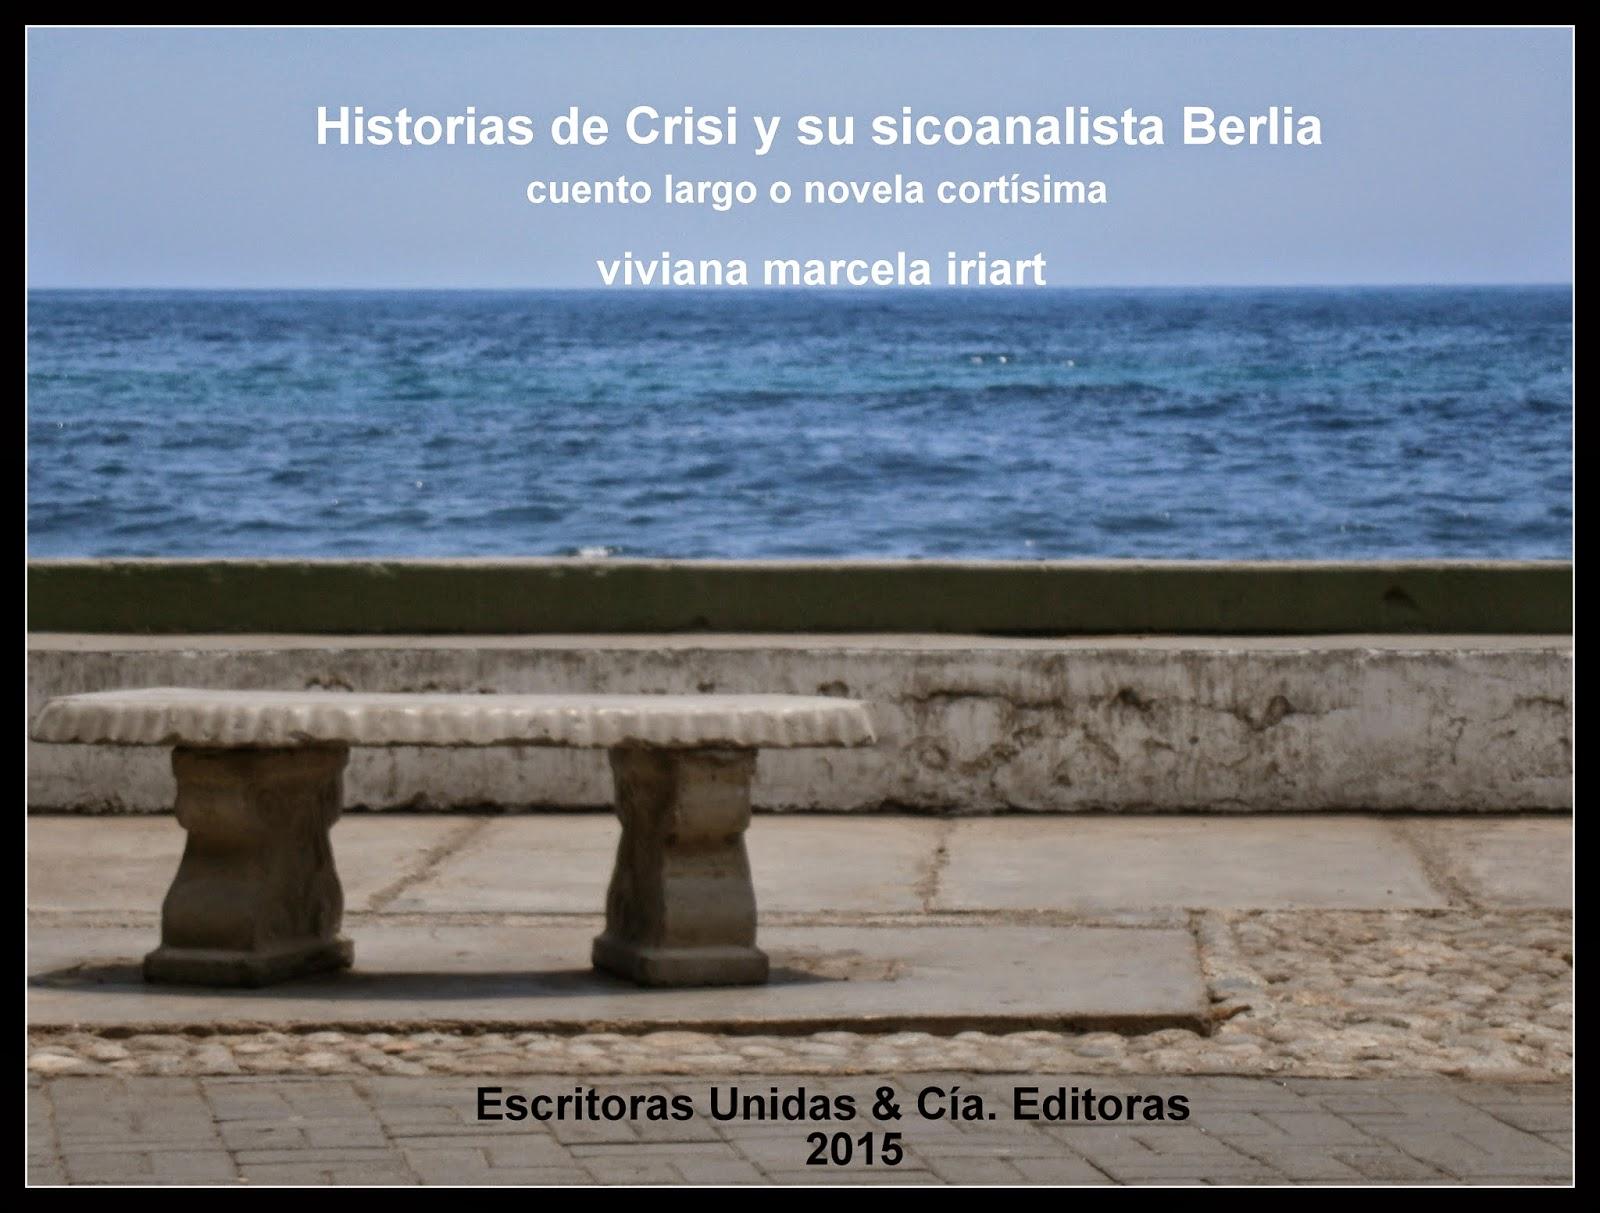 """""""Historias de Crisi y su sicoanalista Berlia""""  de viviana marcela iriart"""